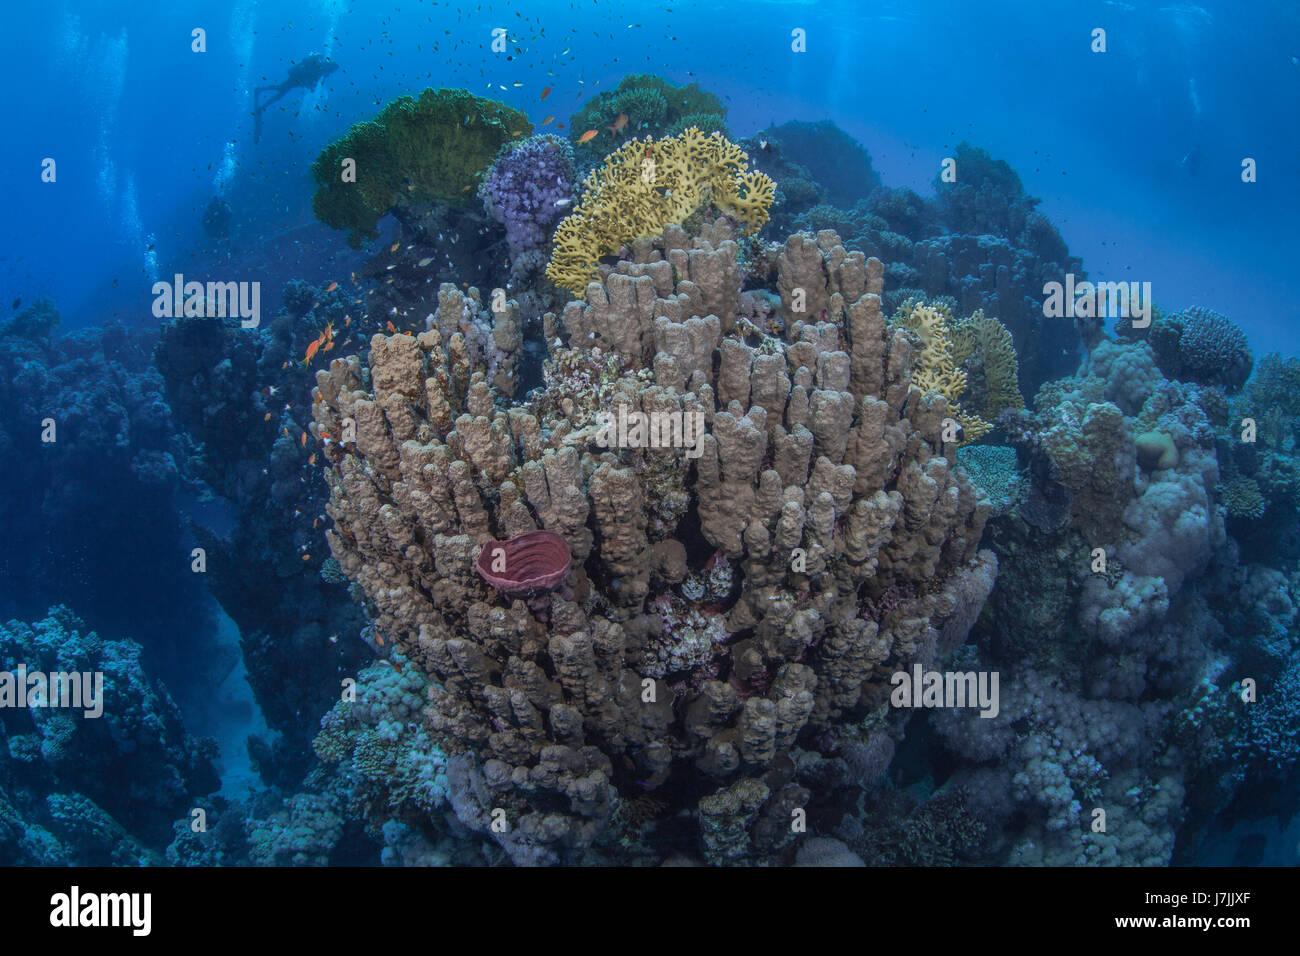 Subacquei esplorare montuoso magnifiche barriere coralline del Mar Rosso. Immagini Stock